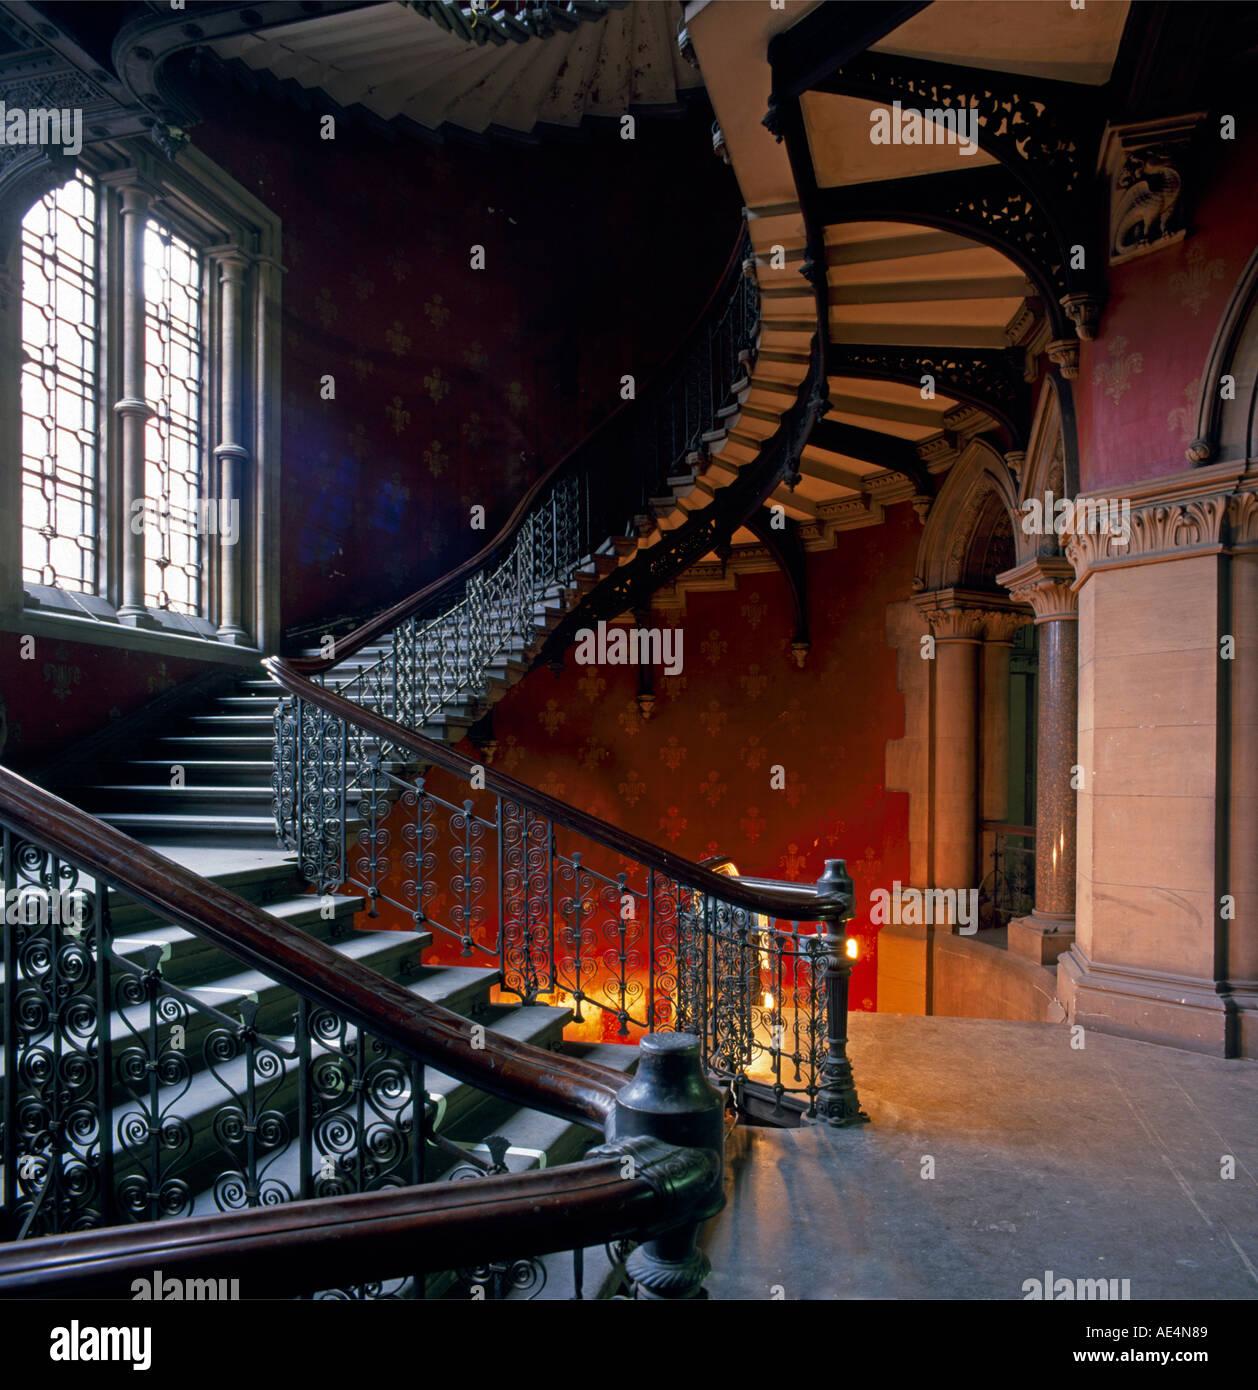 Grand Victorian escalier gothique à l'intérieur de St Pancras Chambers Londres NW1 Angleterre Photo Stock